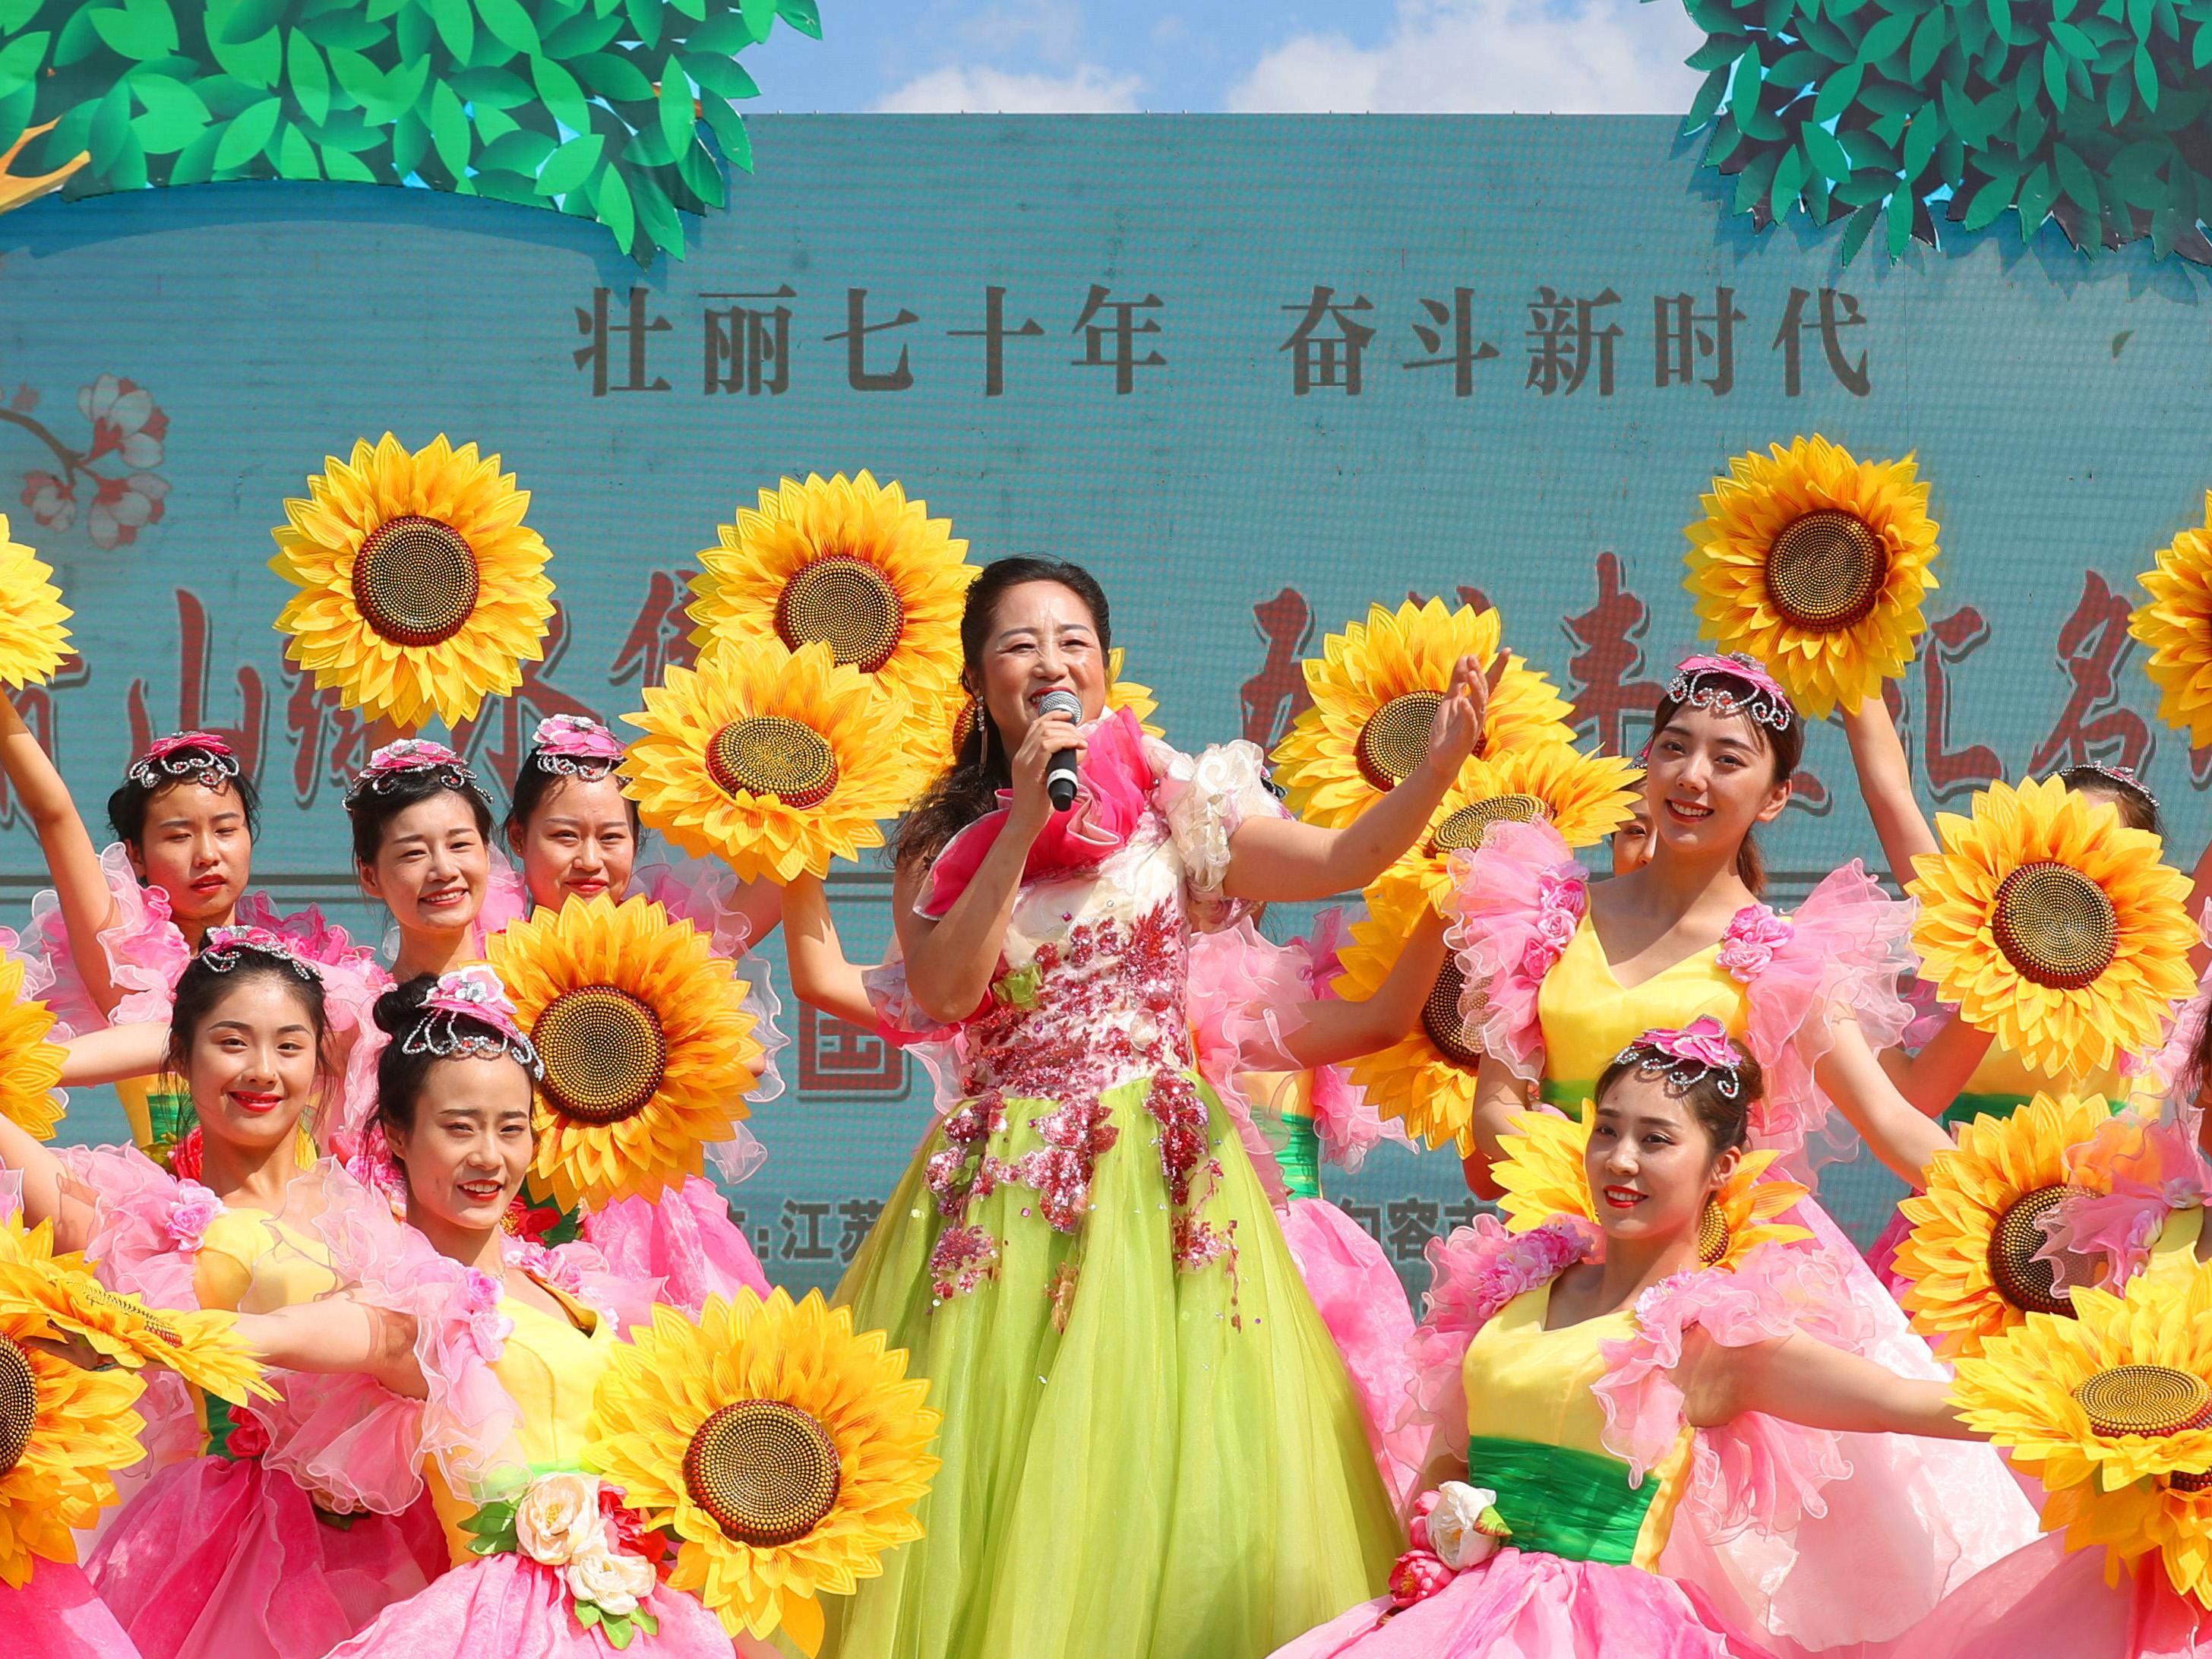 乡村振兴展新画卷 2019中国·句容农民丰收节在天王镇开幕